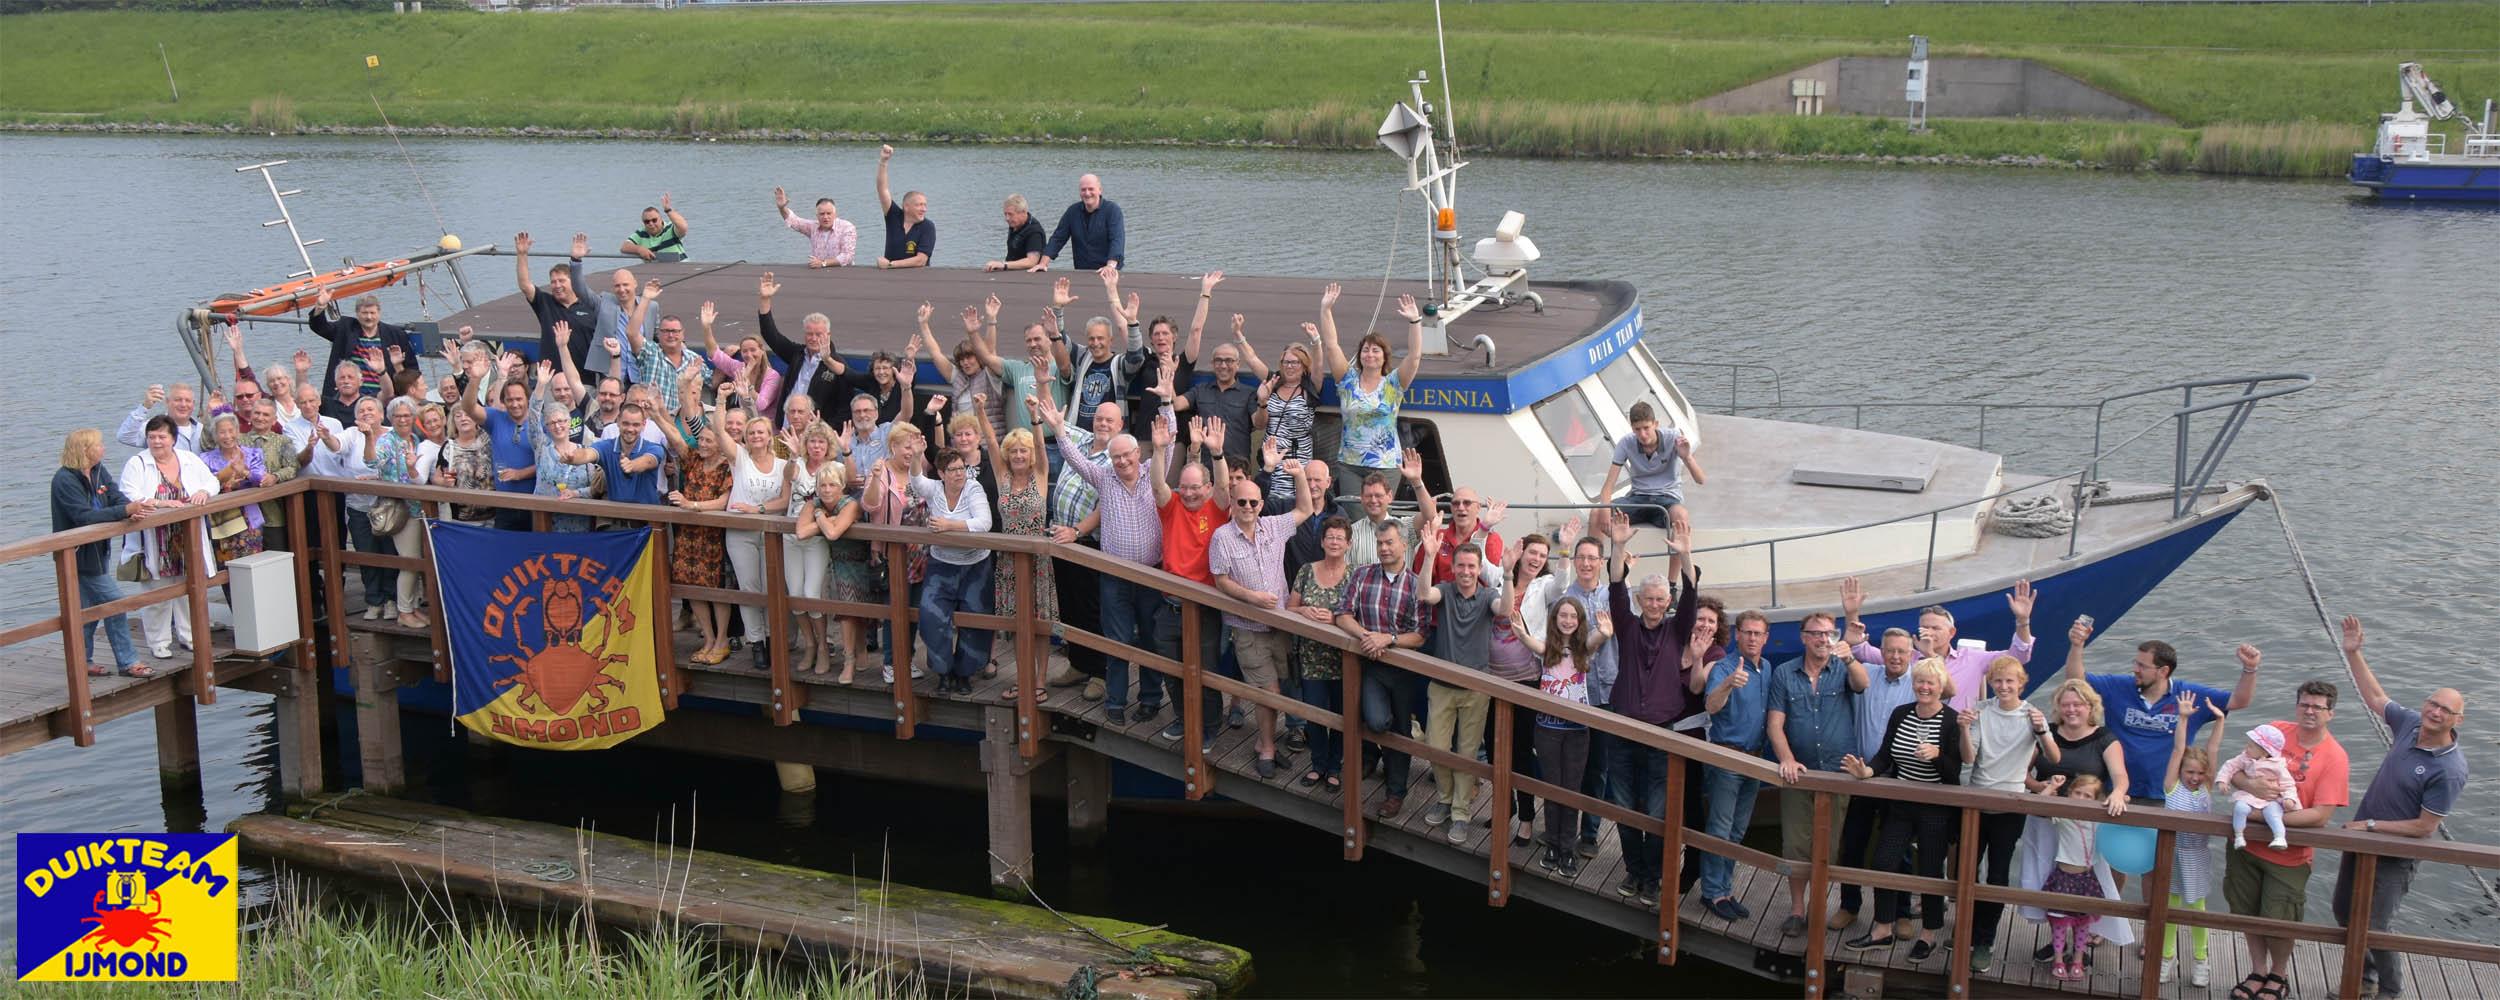 Duikteam IJmond met eigen boot en clubhuis